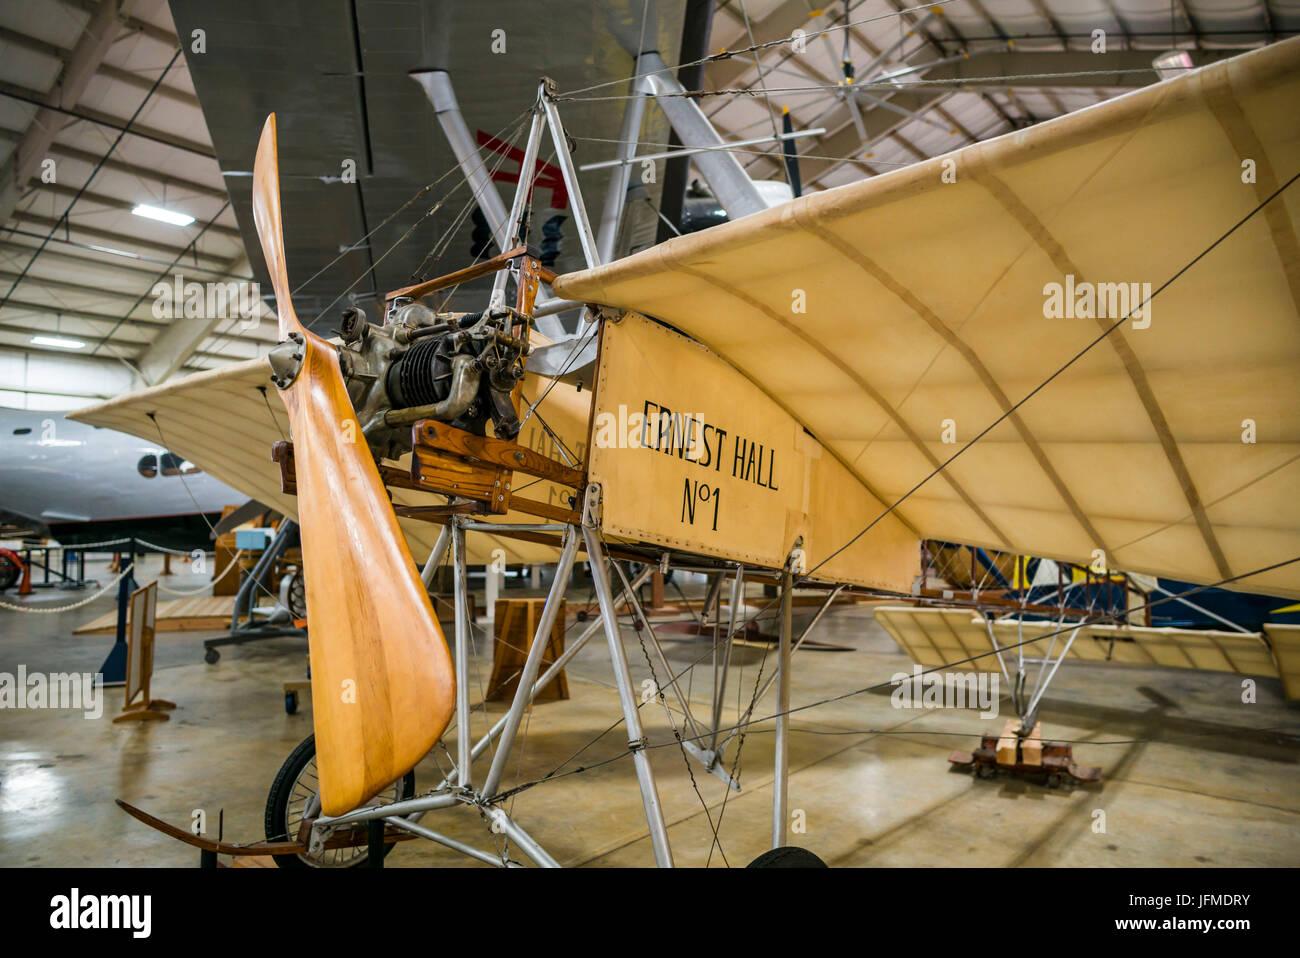 Estados Unidos Windsor Locks, Connecticut, New England Air Museum, monoplano Bleriot XI, el primer avión producido en masa del siglo XX Foto de stock